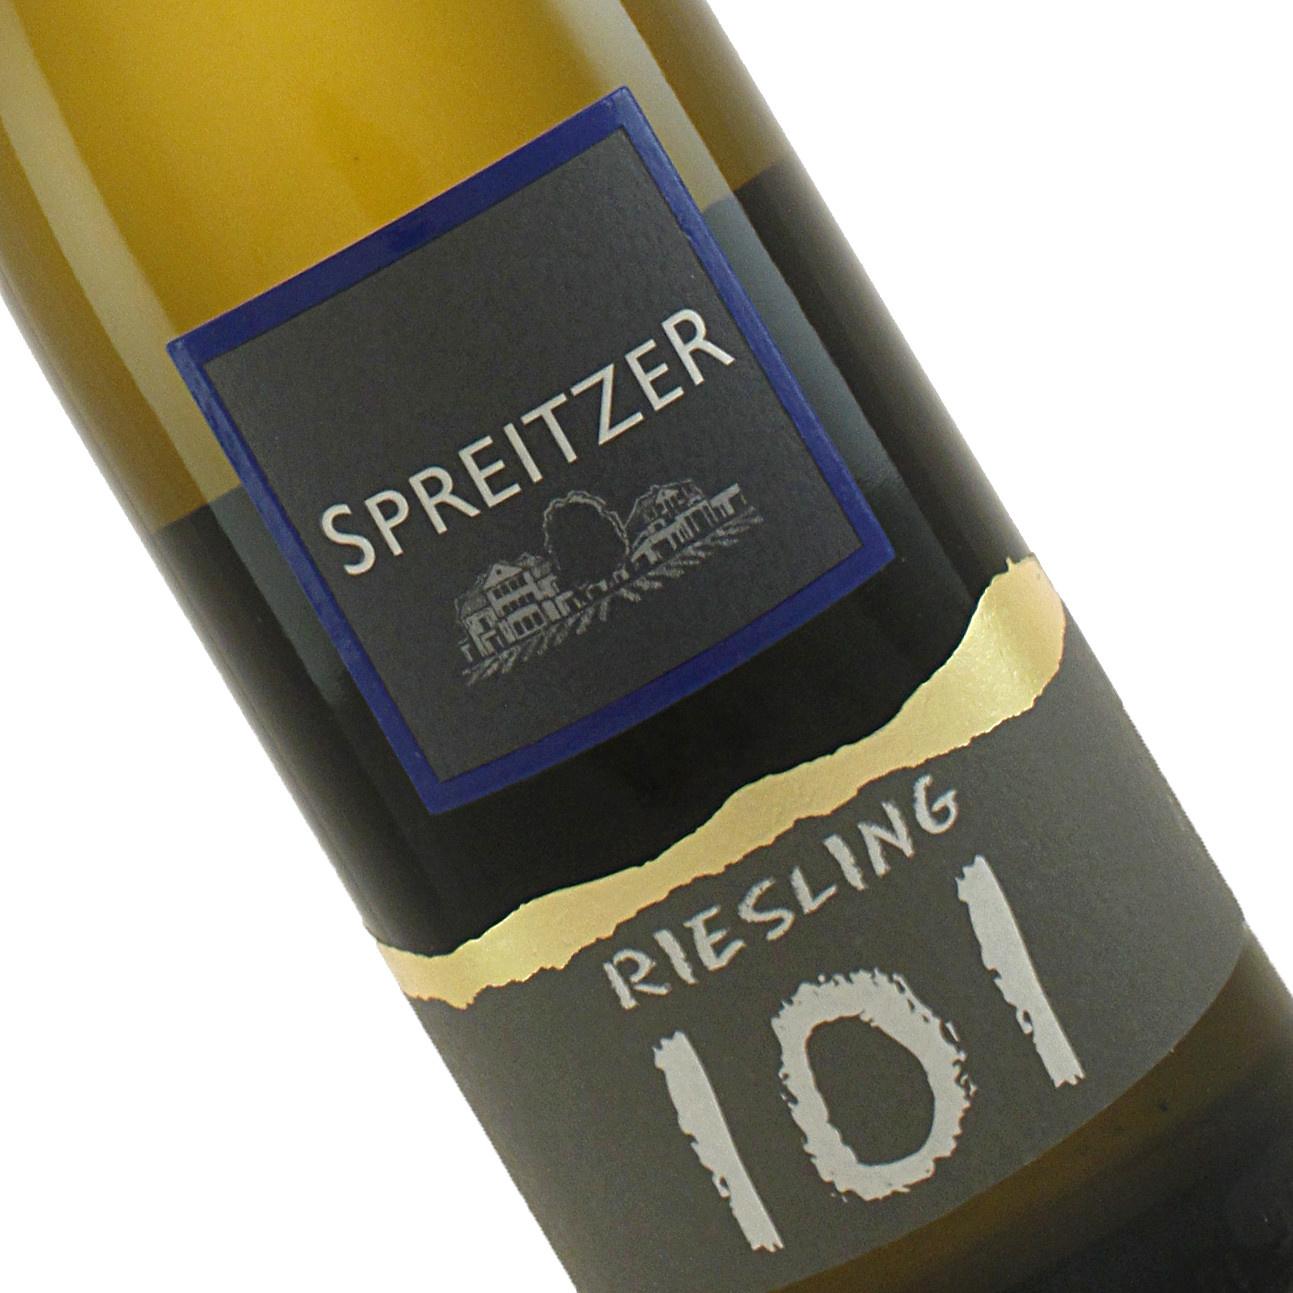 Spreitzer 2018 Riesling 101, Rheingau, Germany